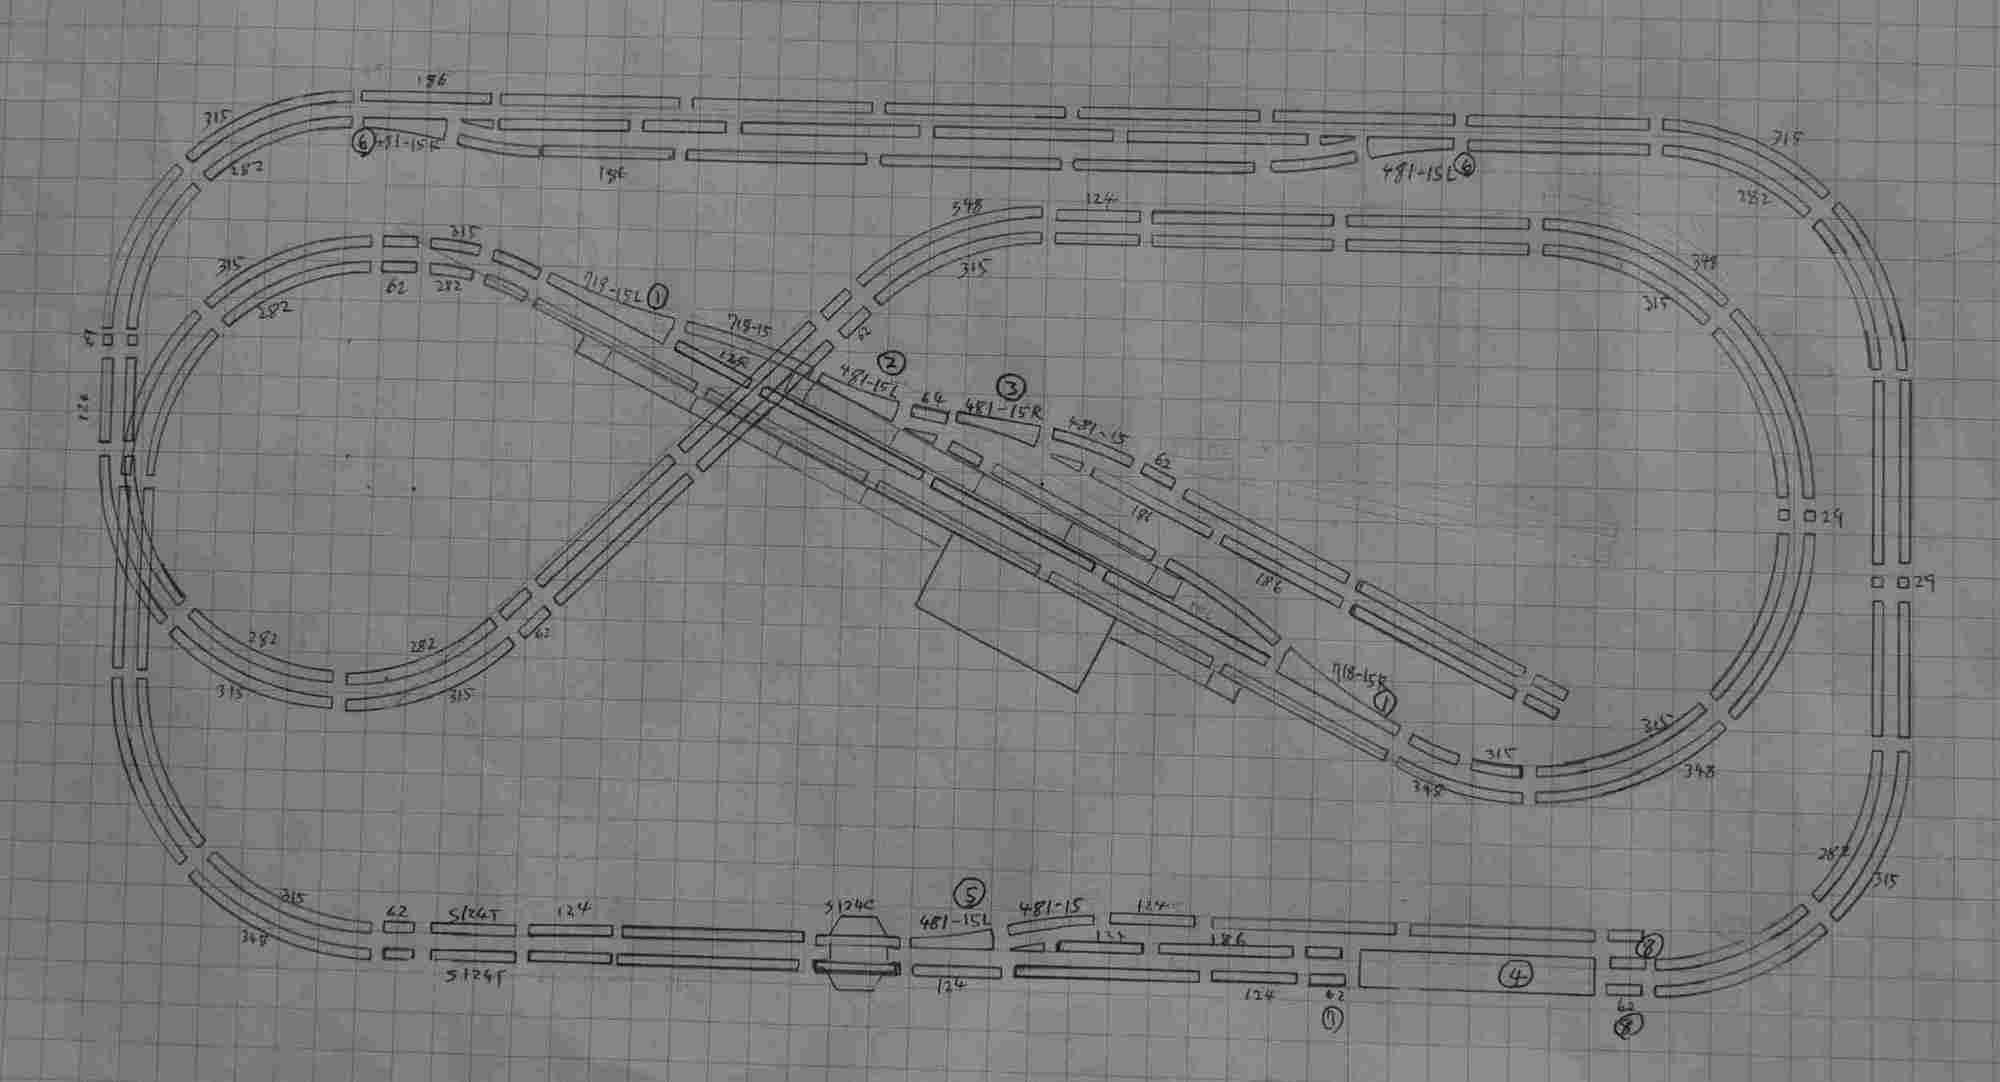 あっこちゃんの日記 | Nゲージレイアウト(鉄道模型ジオラマ)作りに挑戦中